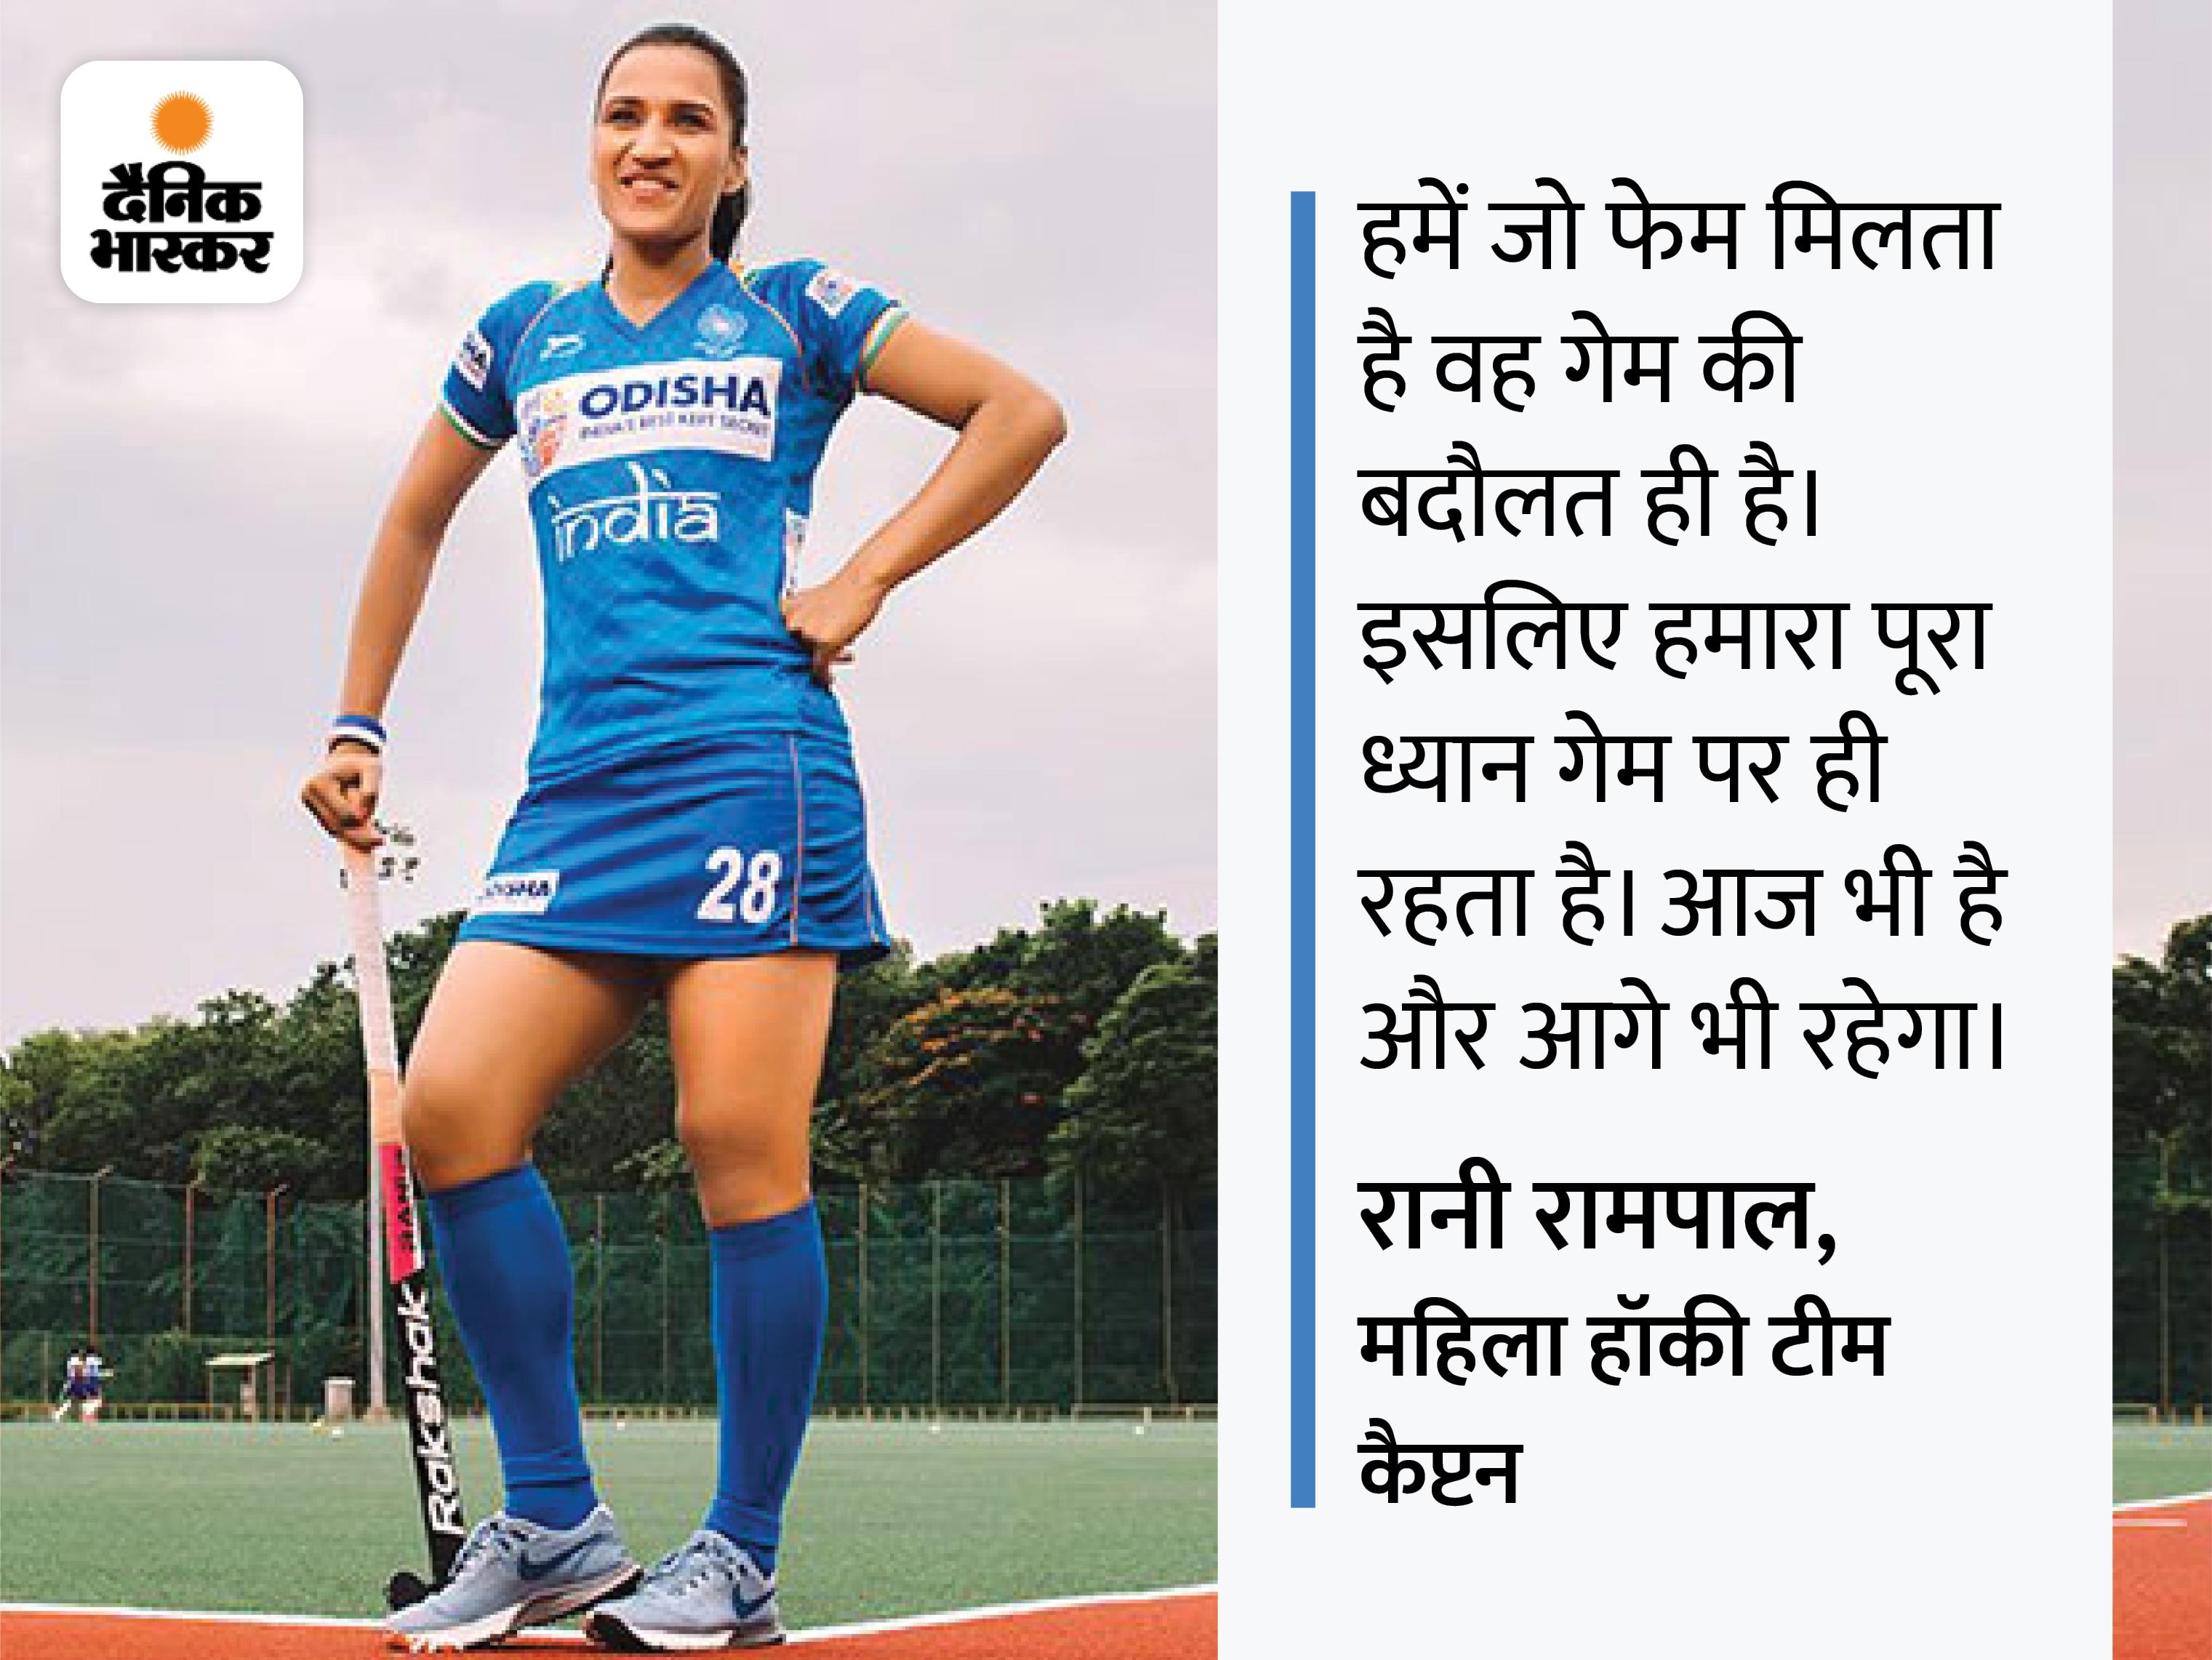 पहले लोग सिर्फ स्कोर देखते थे; देशवासियों के सपोर्ट से अच्छा प्रदर्शन करने का हौसला बढ़ा|स्पोर्ट्स,Sports - Dainik Bhaskar